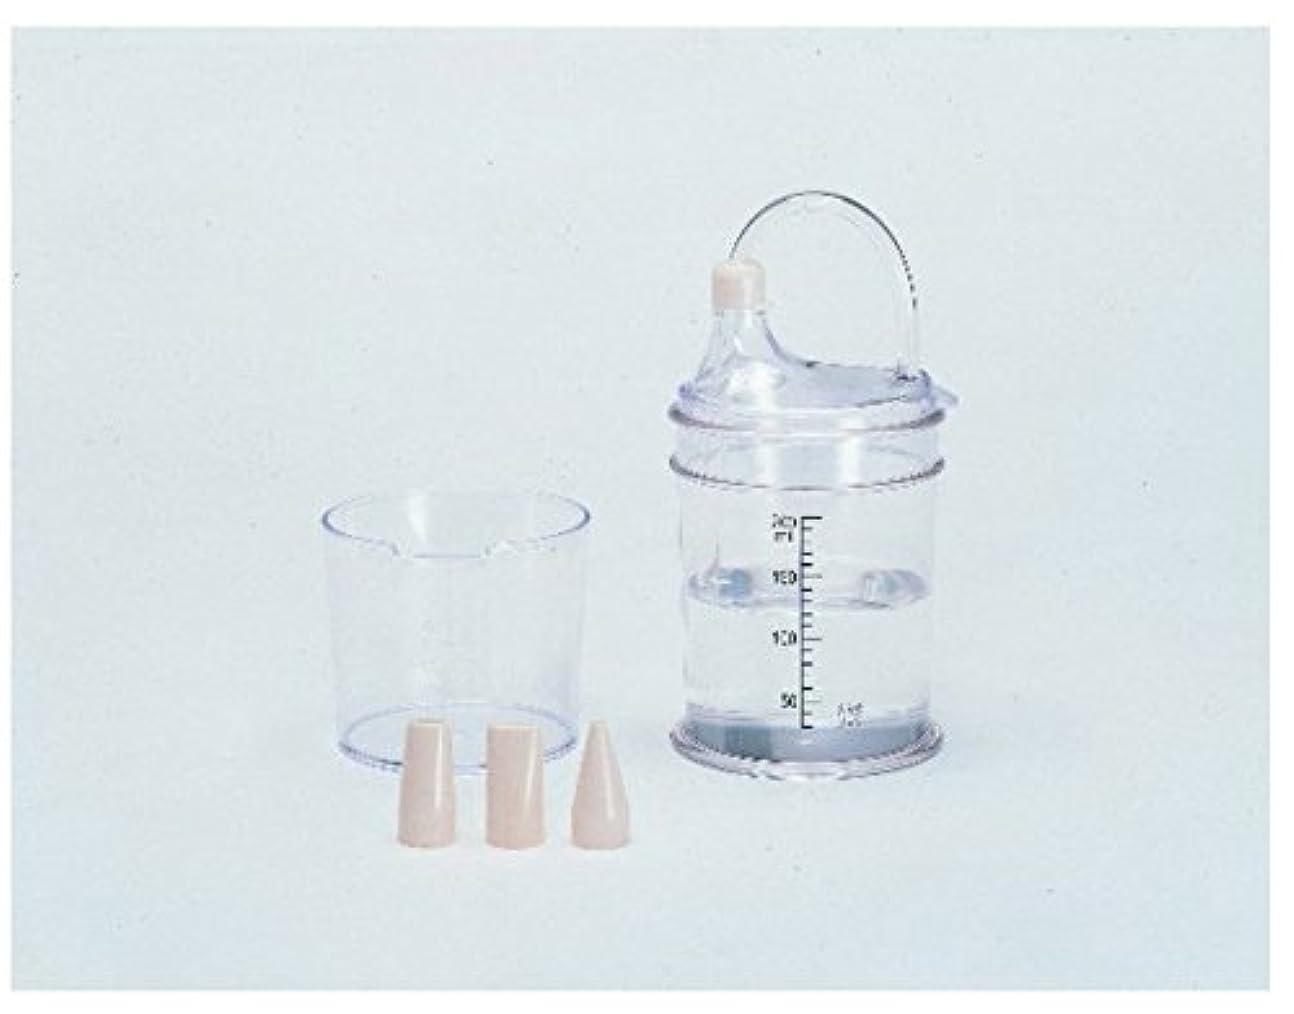 カナダ枯渇凝縮するマジックカップ ?病院内人気こぼれにくい介護用吸い飲みカップ? 1個